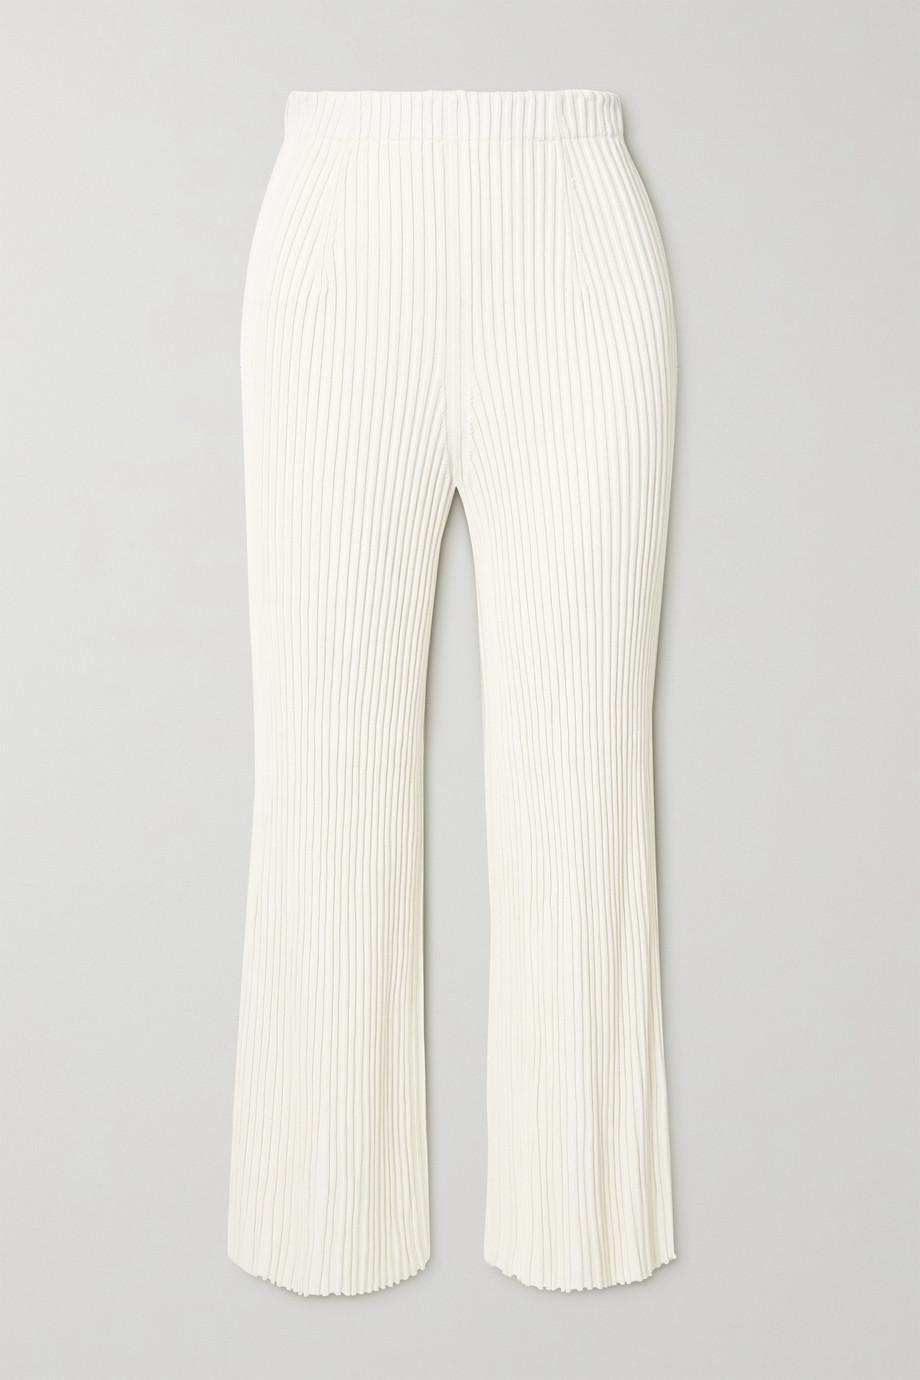 Proenza Schouler Hose mit geradem Bein aus Rippstrick